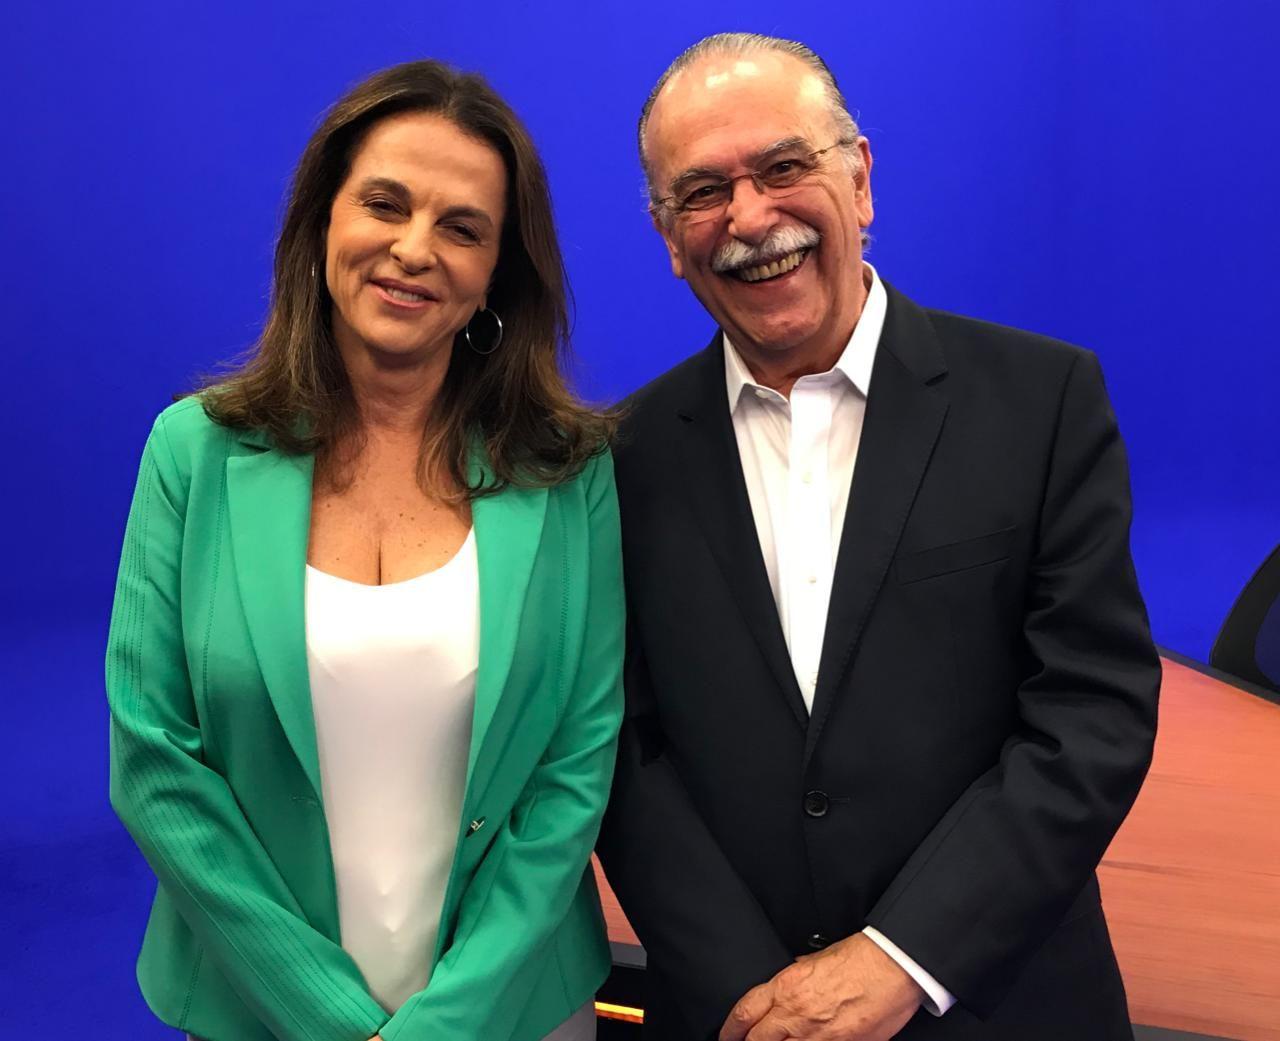 José Roberto Mendonça é o convidado / Divulgação